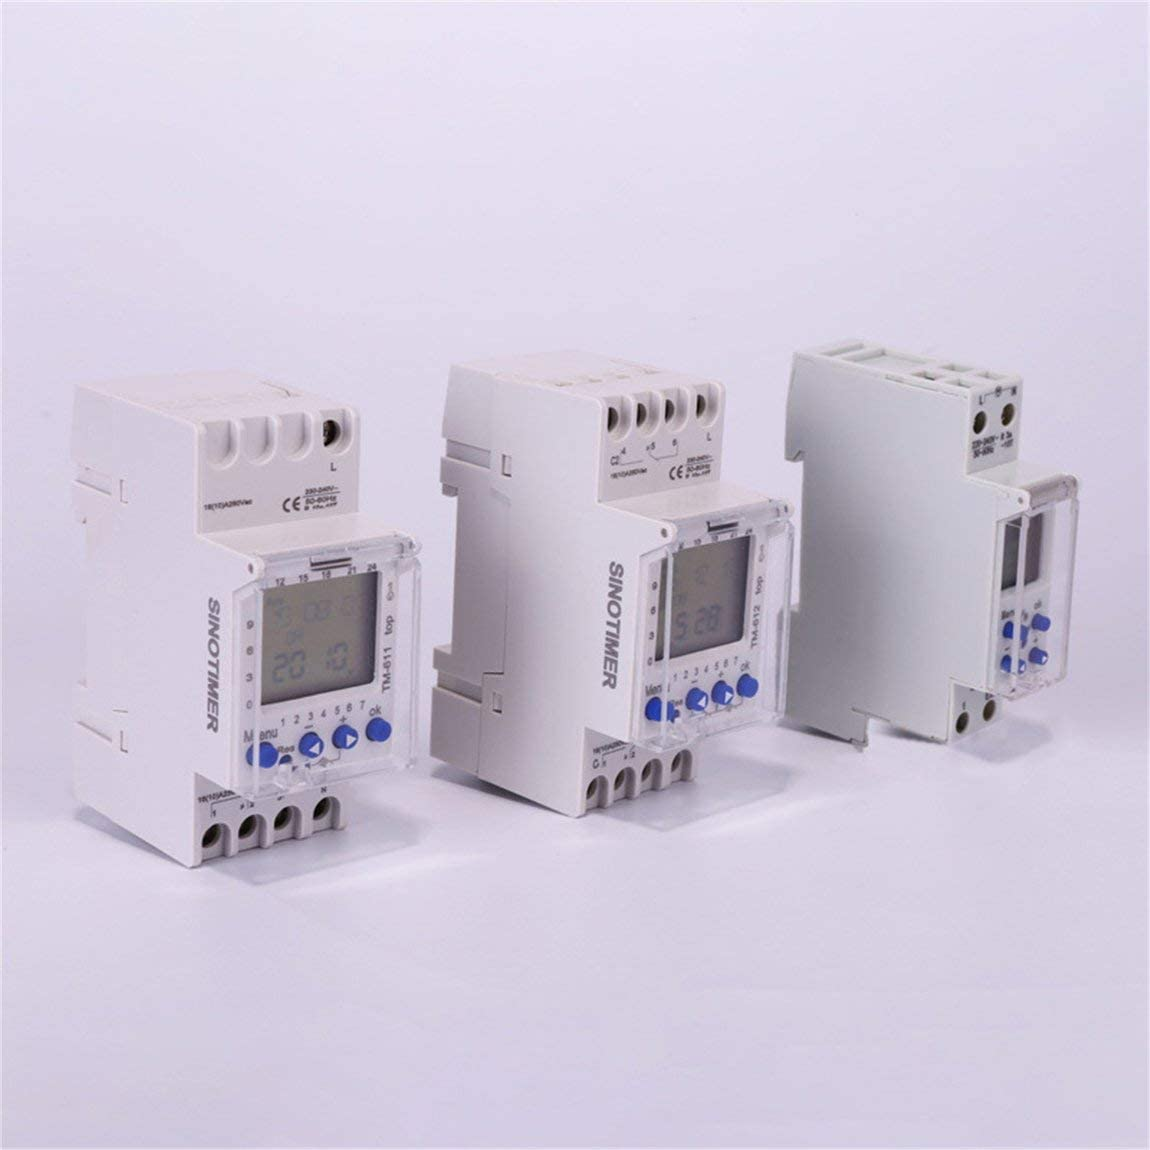 SeniorMar SINOTIMER 220V TM612 Minuterie /à Deux canaux 7 Jours 24 Heures Programmable Horloge /électronique LCD num/érique programmable avec Deux Sorties Relais